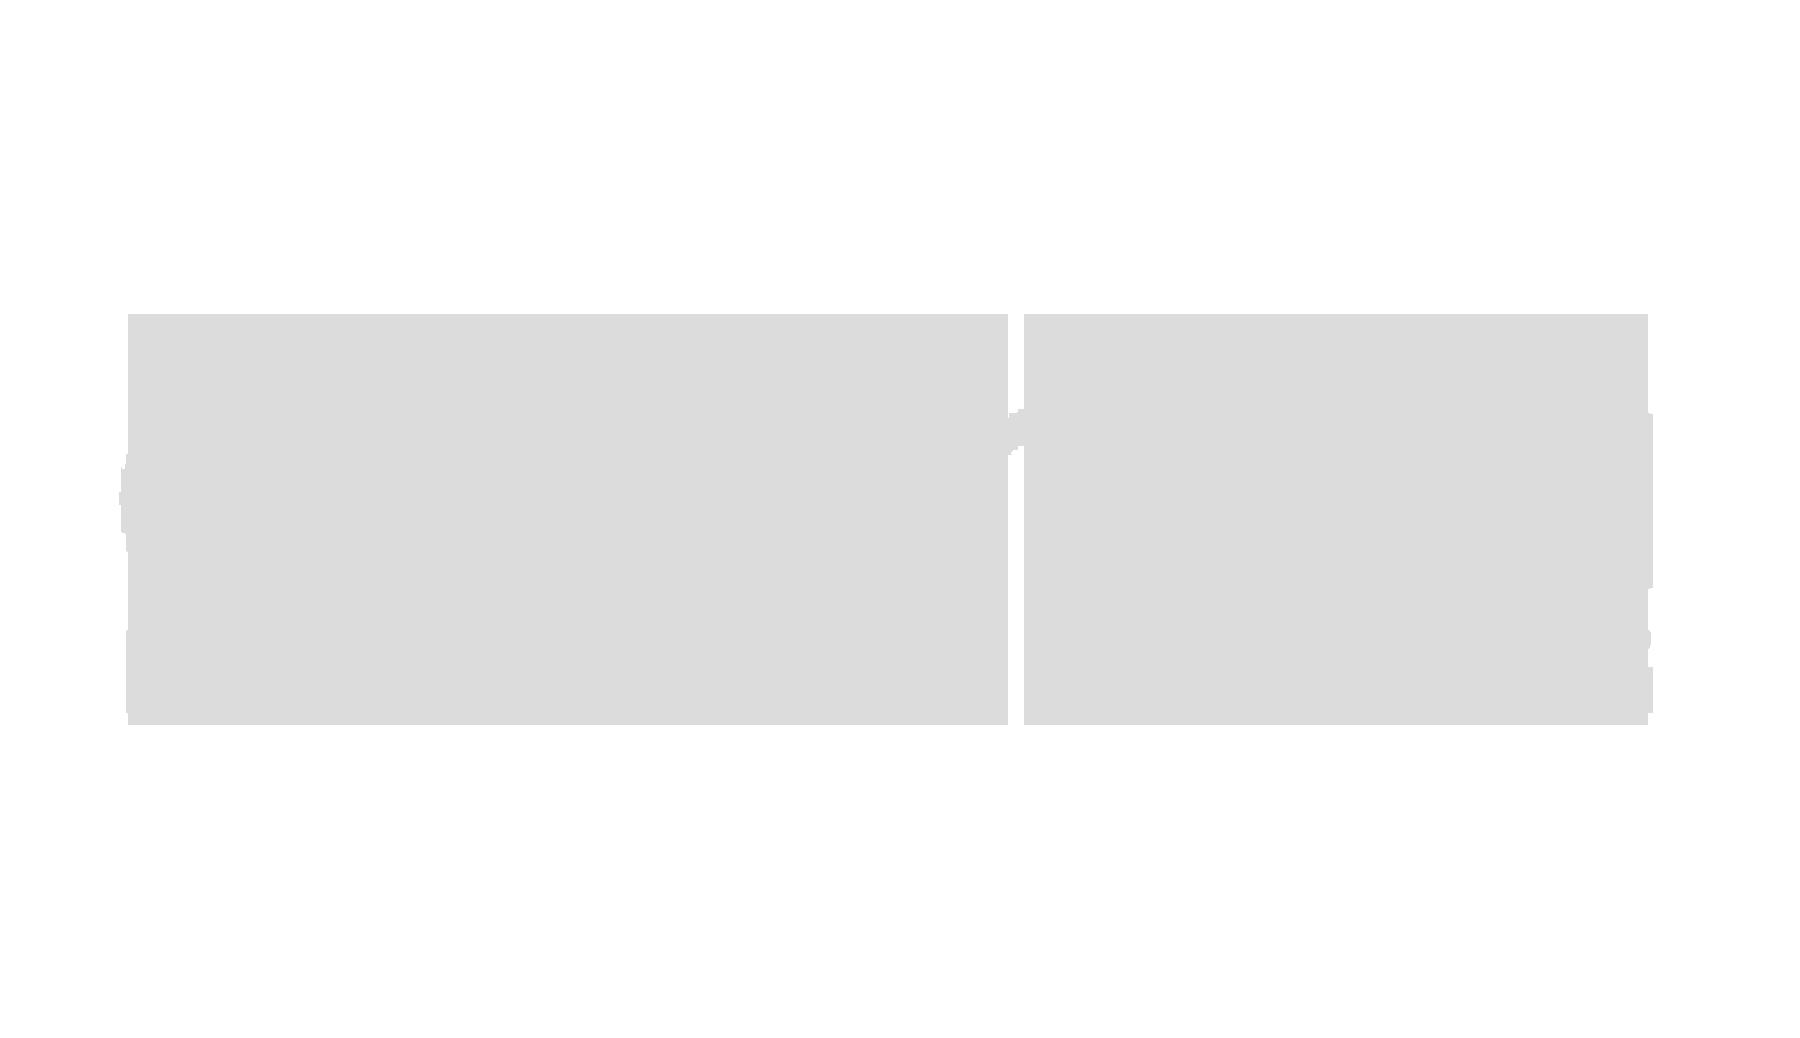 CEDEMO_G